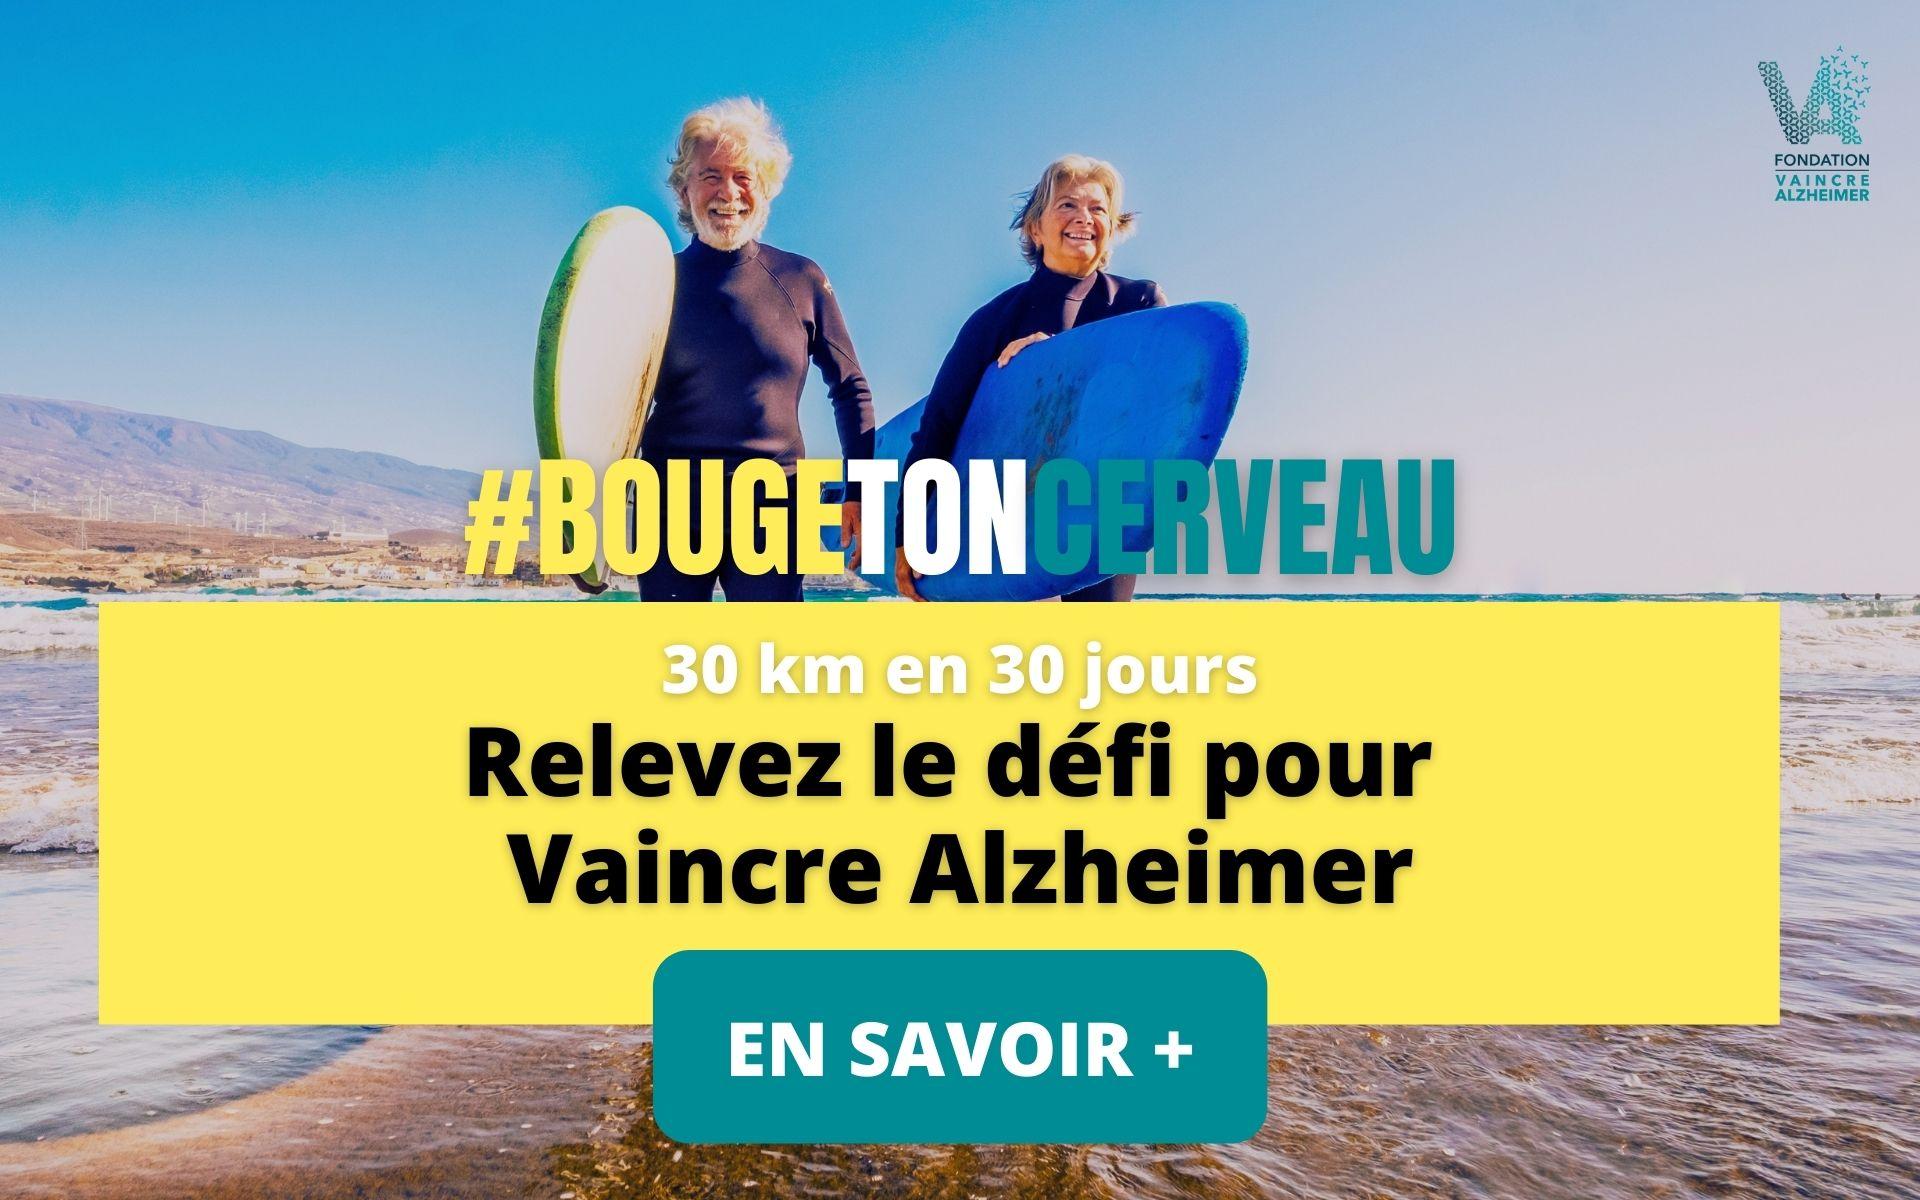 Bouge ton cerveau pour Vaincre Alzheimer